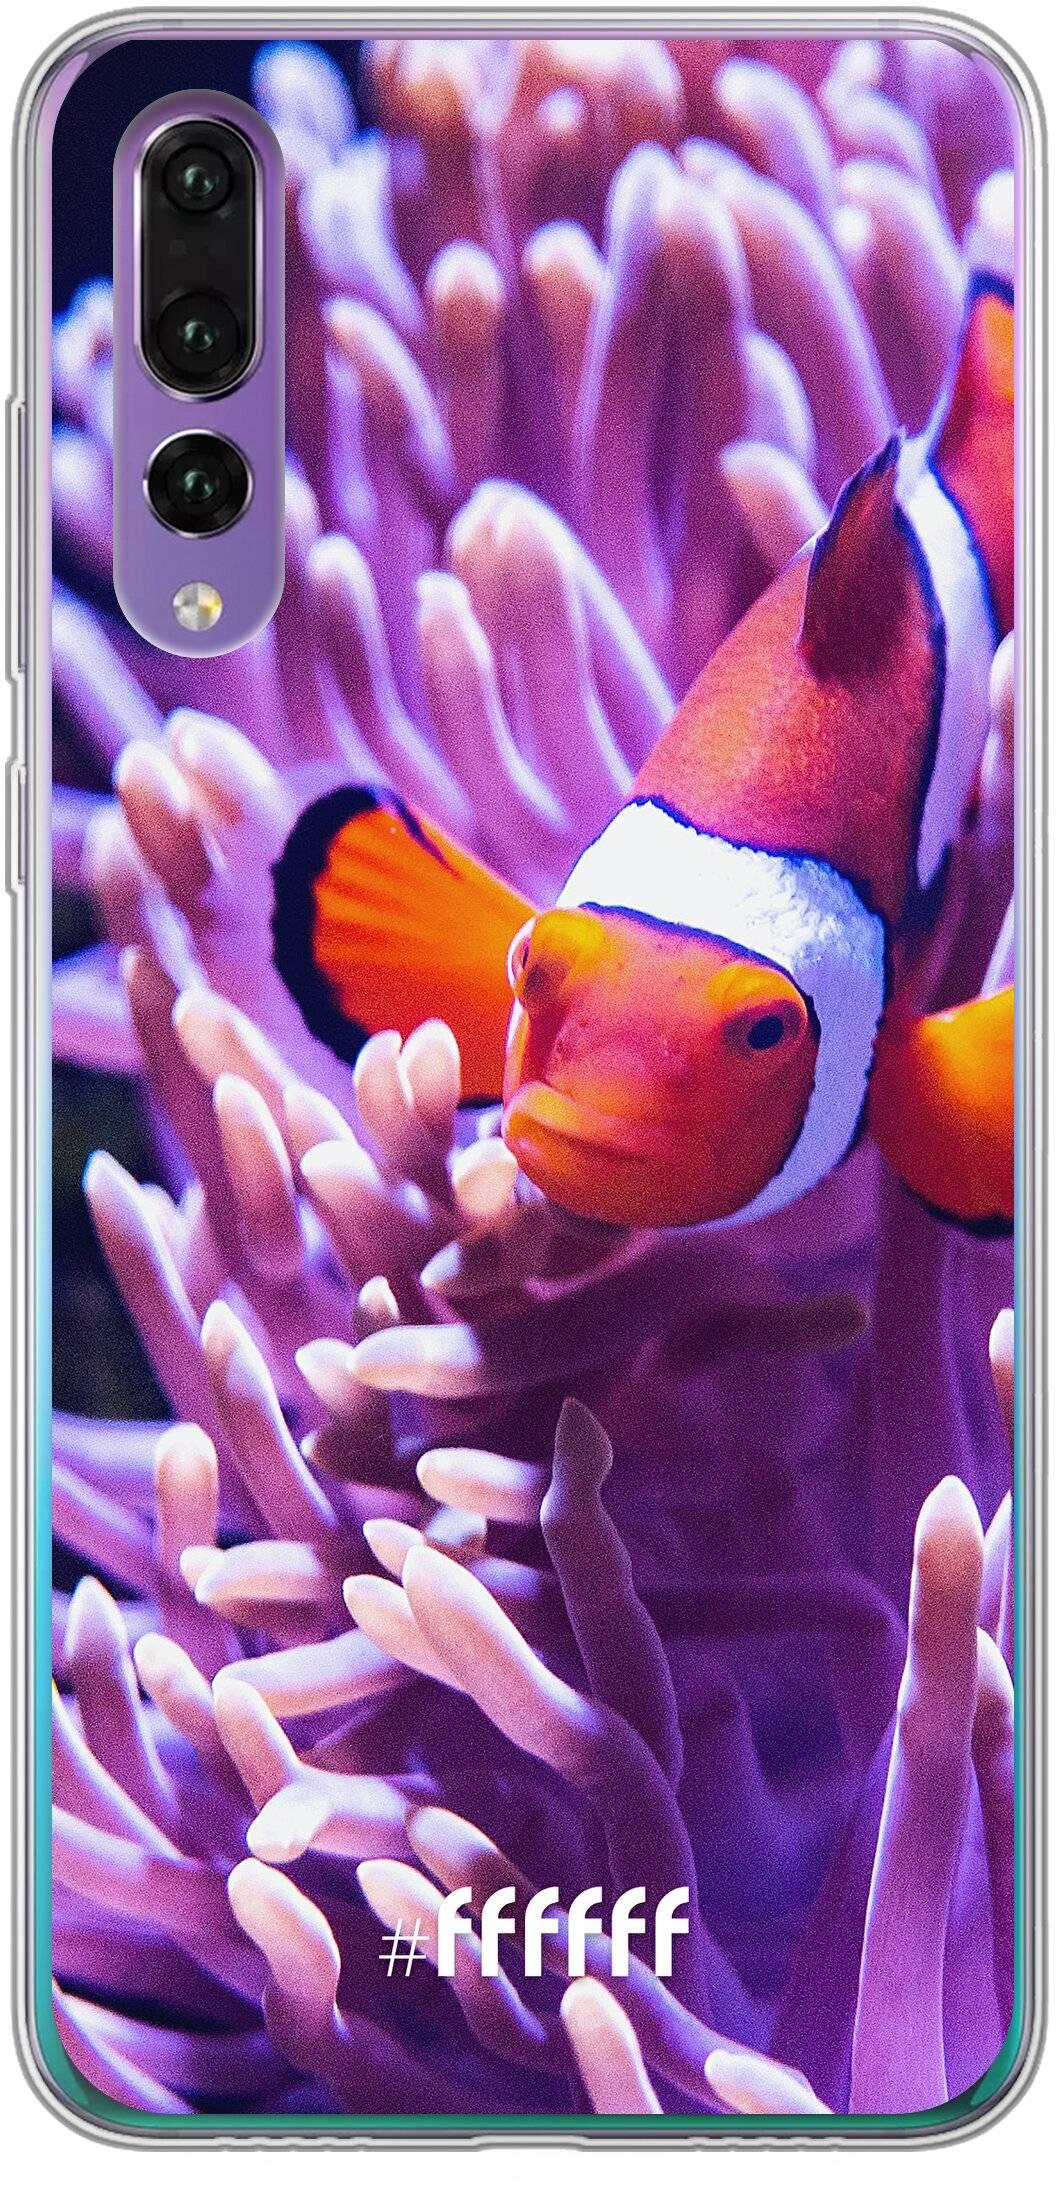 Nemo P30